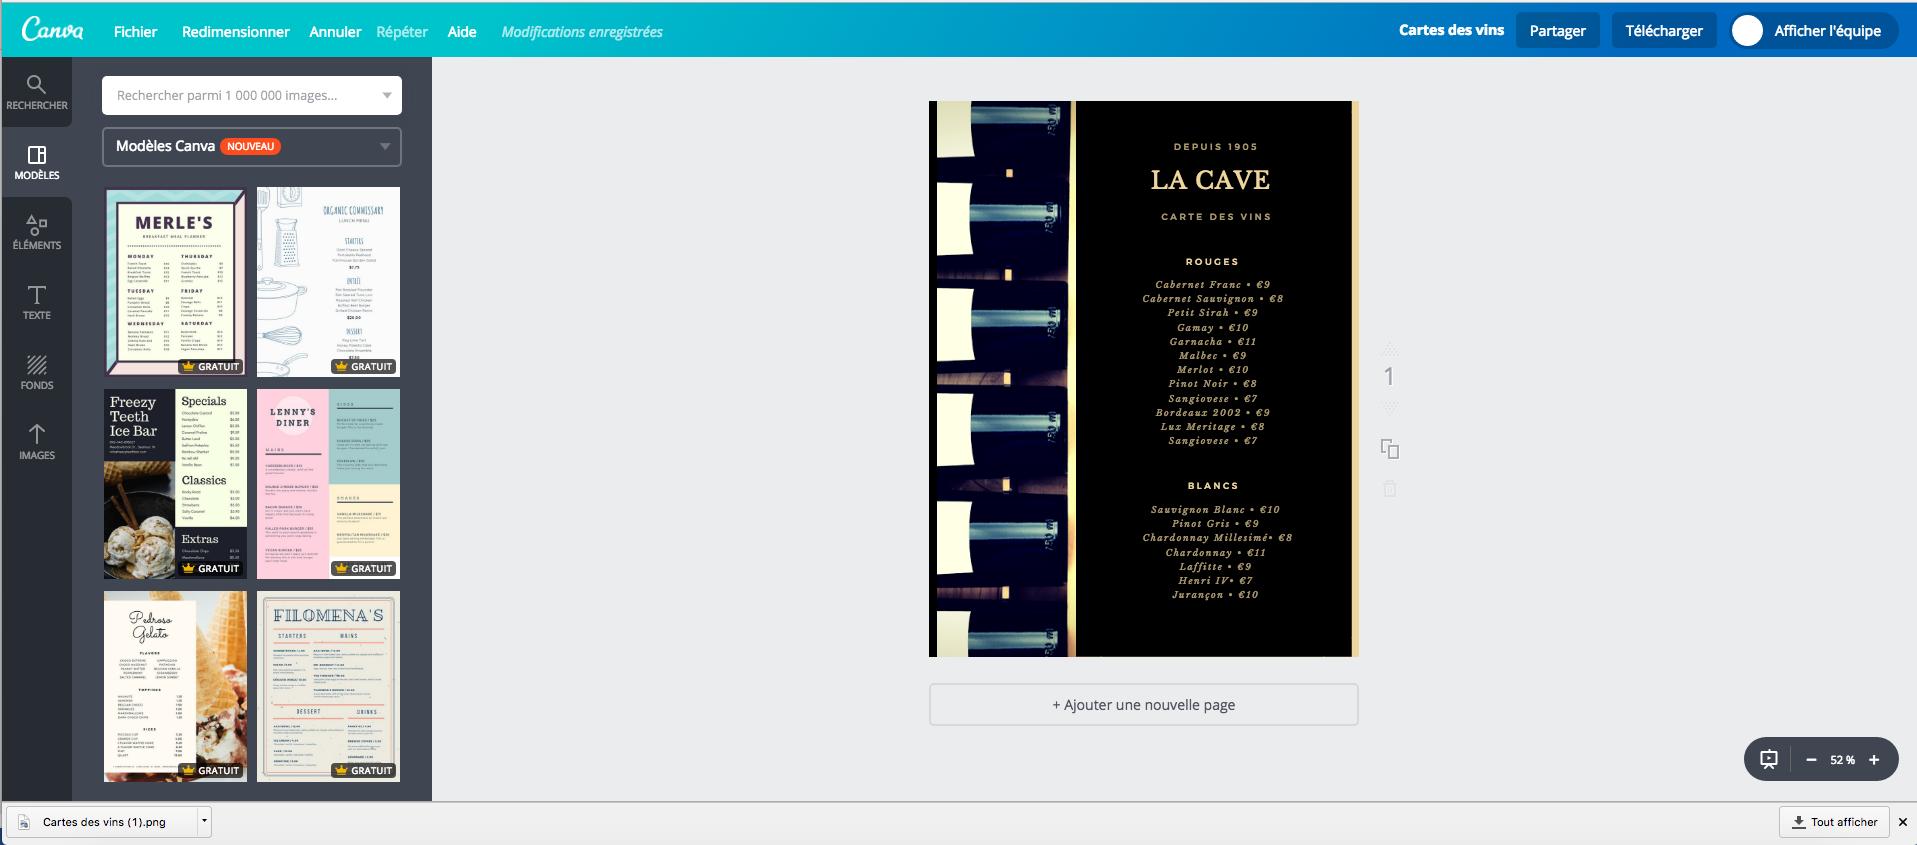 cr u00e9ateur gratuit de carte des vins en ligne  100  mod u00e8les